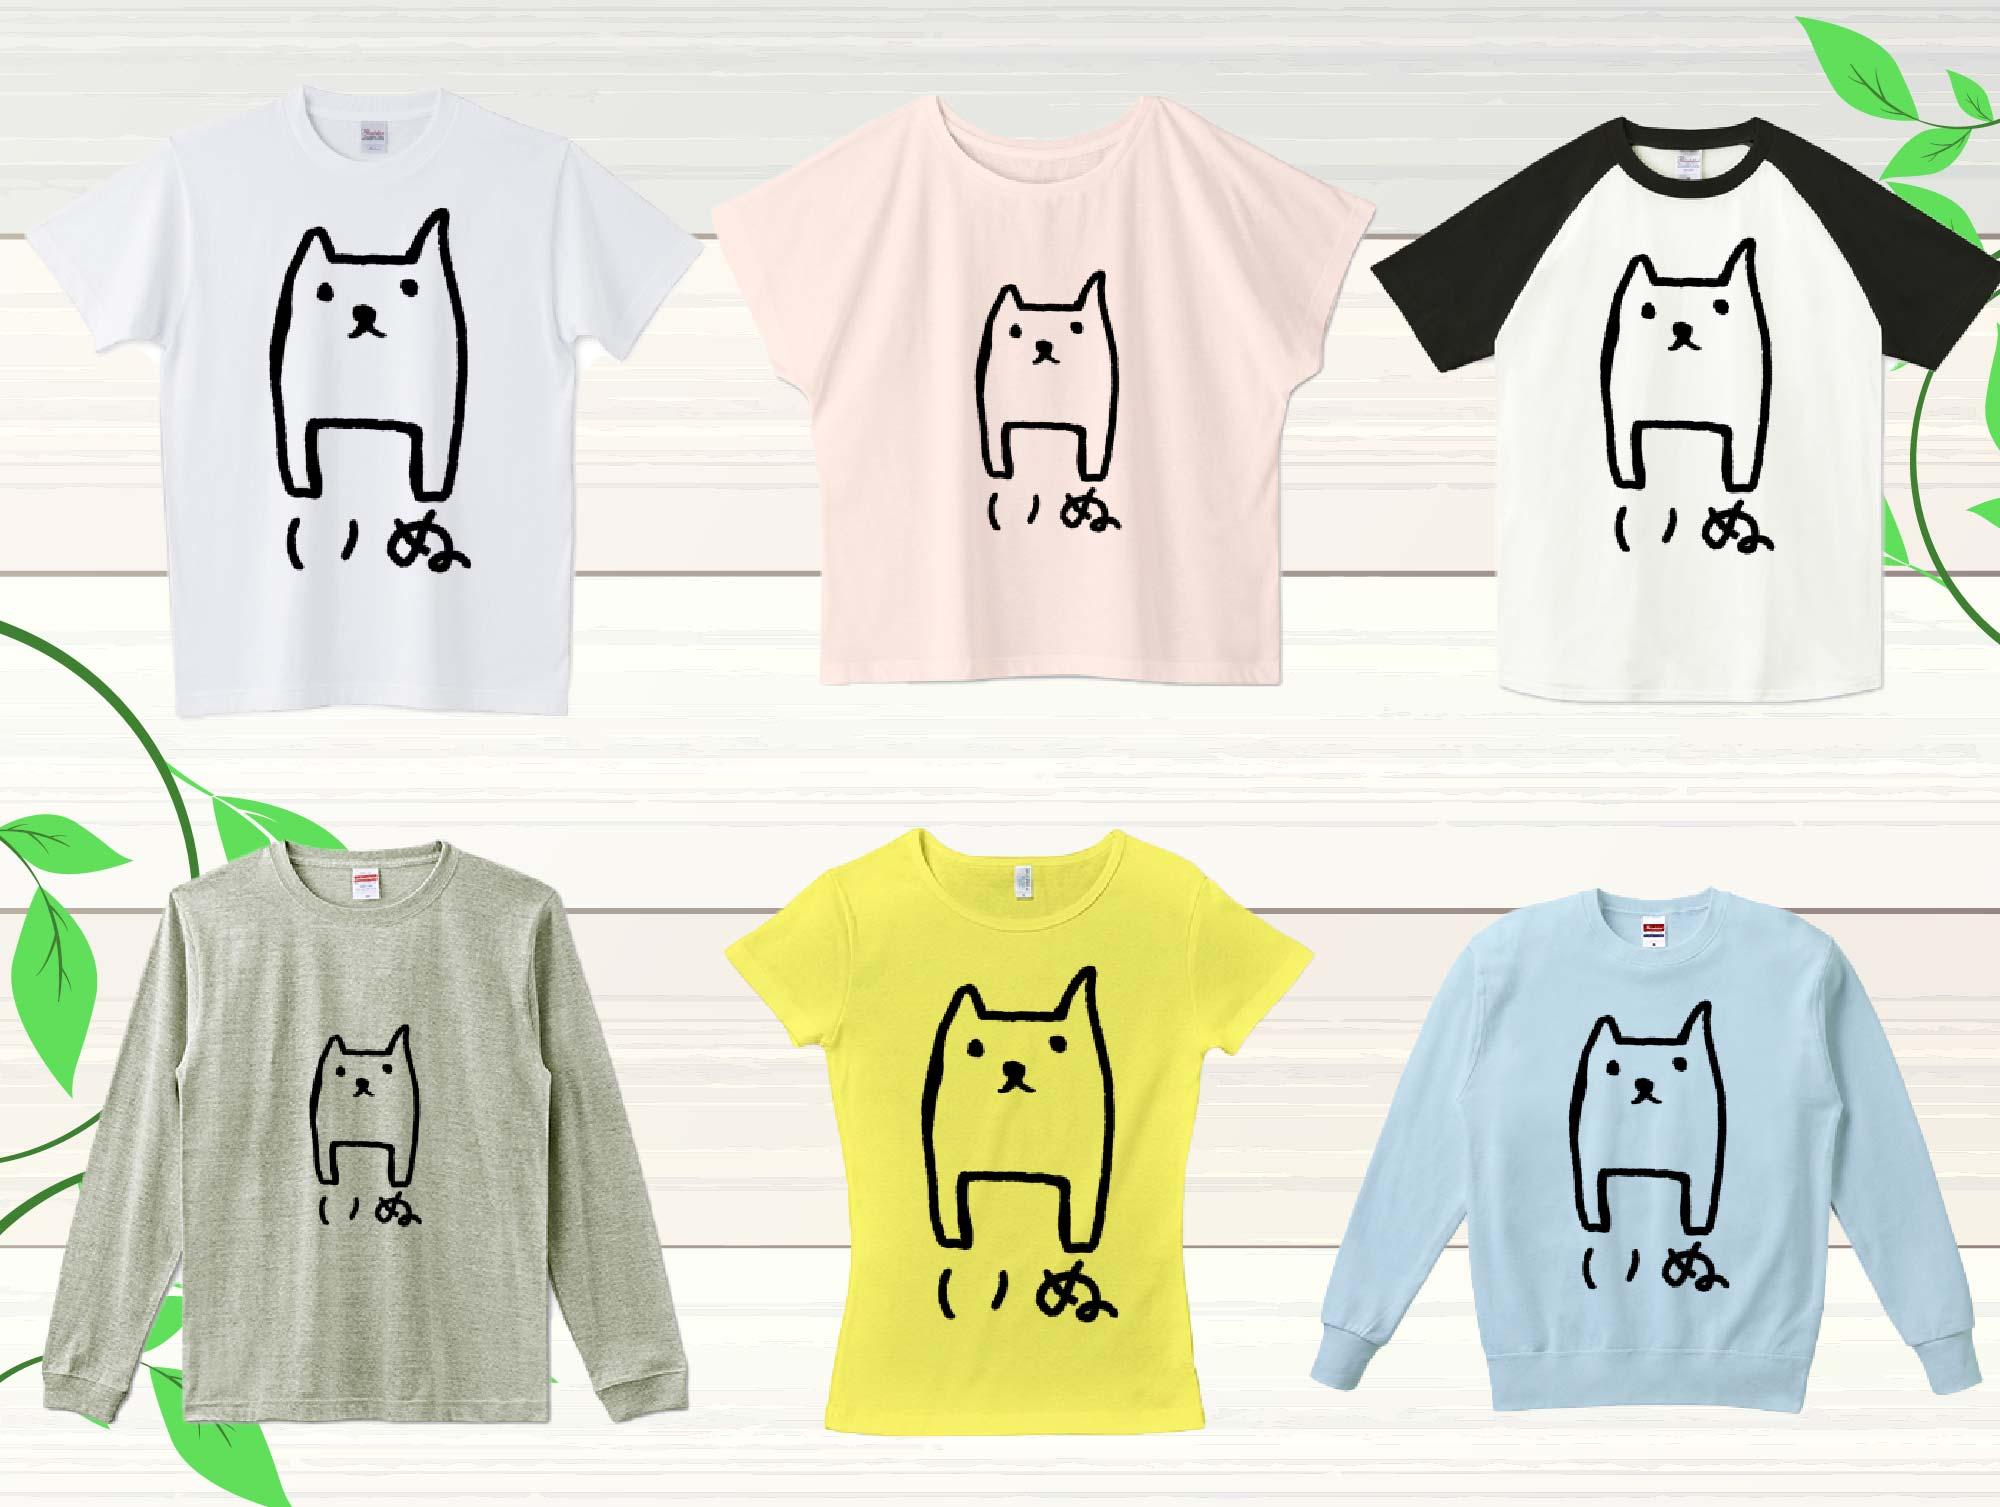 ただのいぬTシャツ - シンプルな犬のマーク